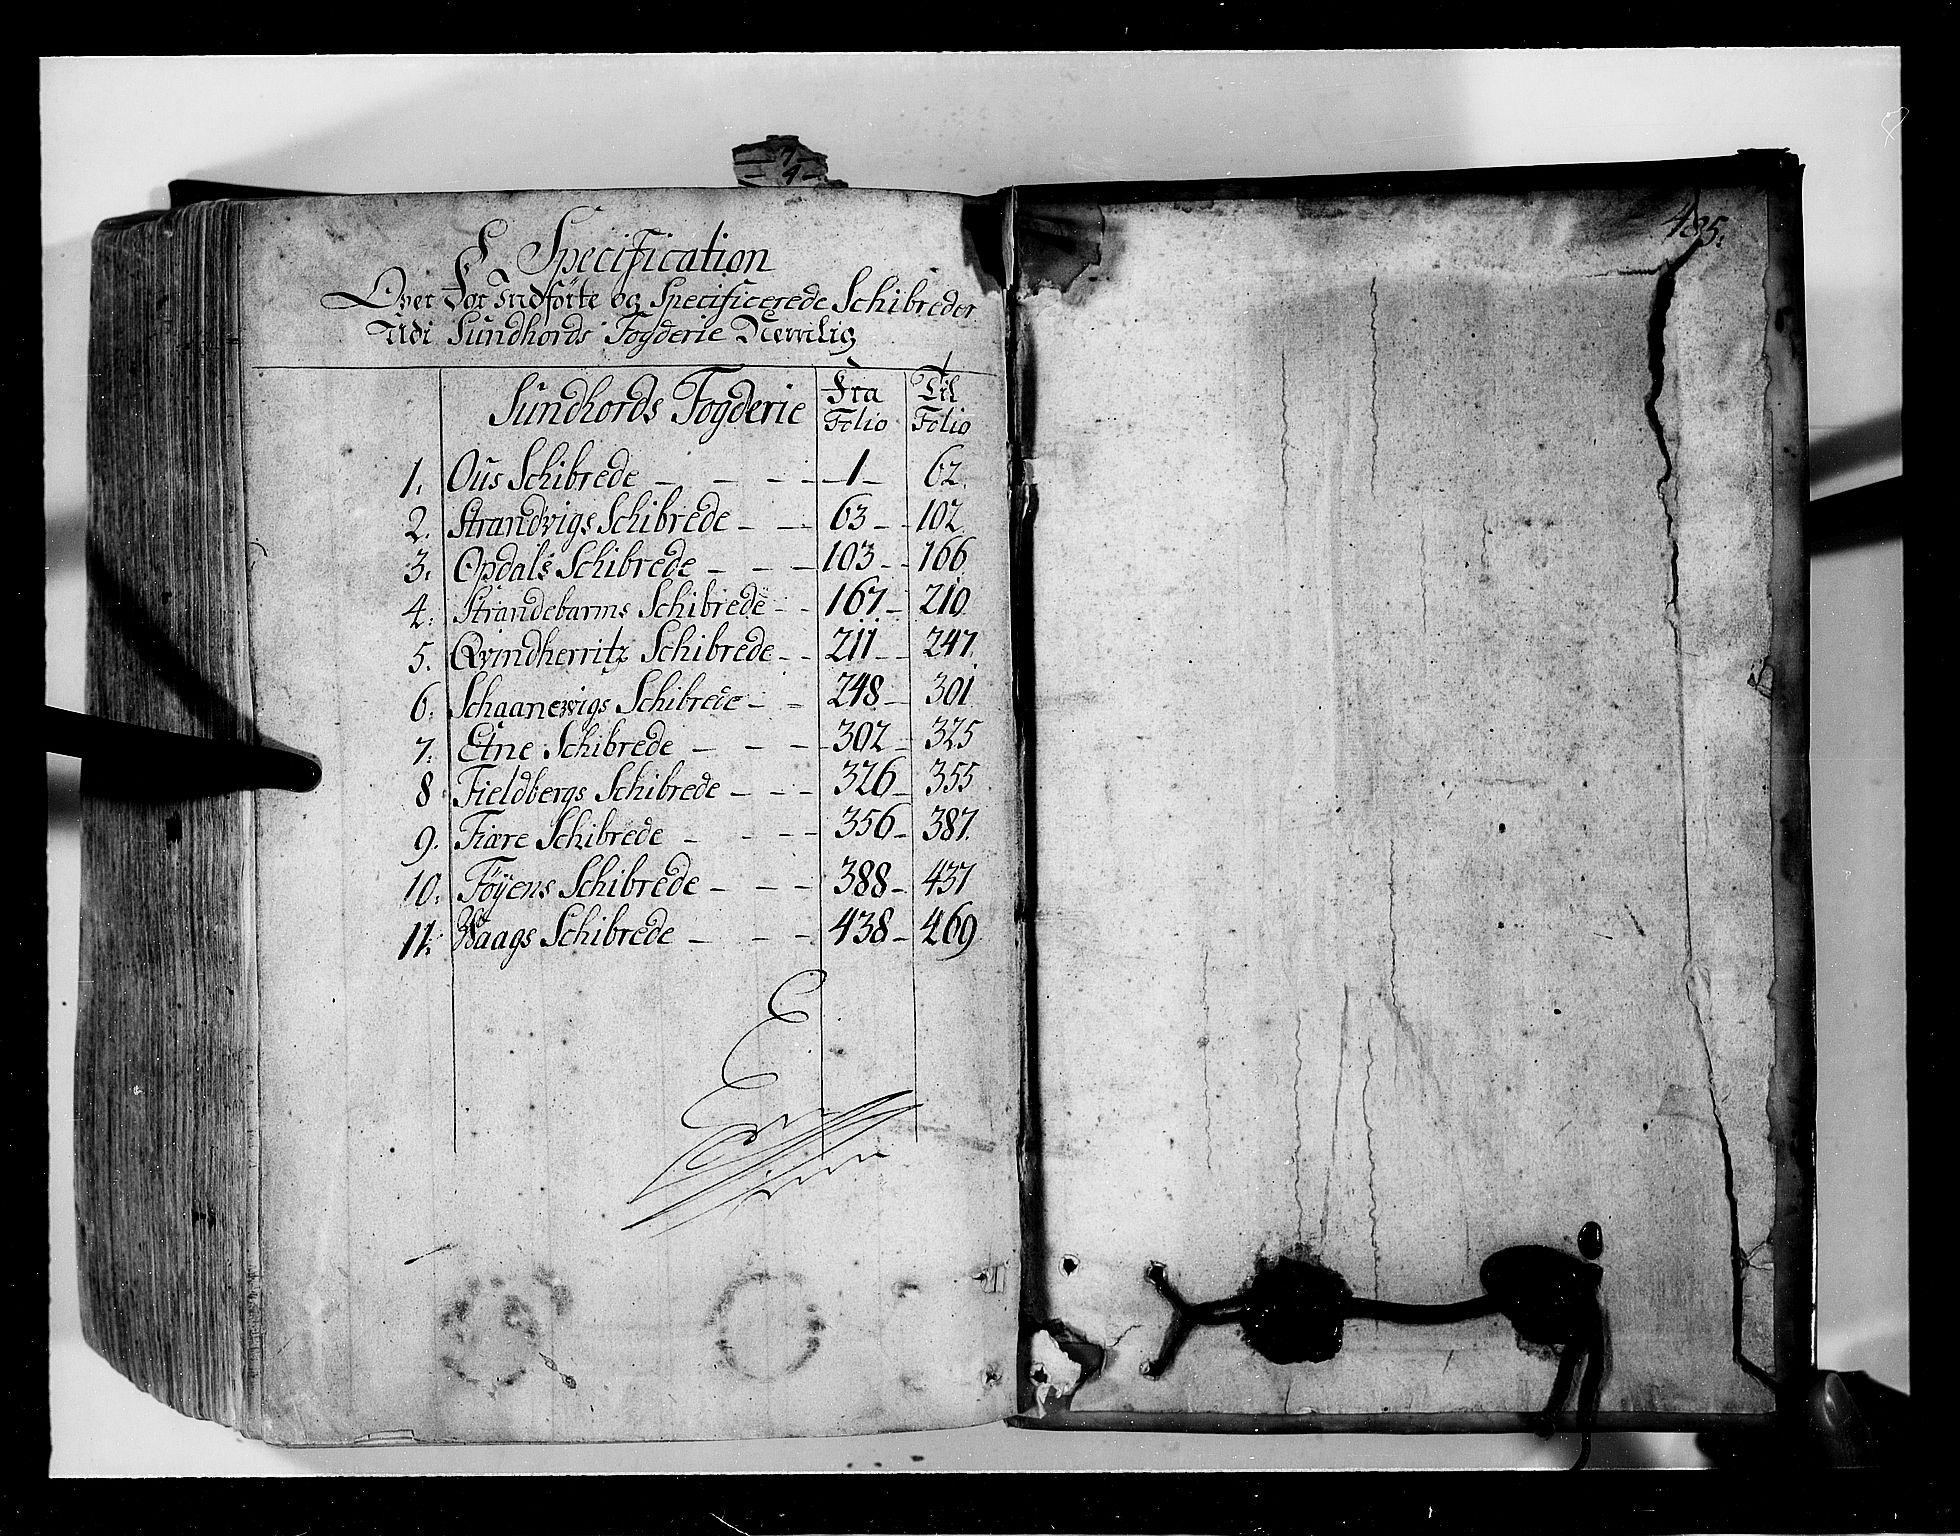 RA, Rentekammeret inntil 1814, Realistisk ordnet avdeling, N/Nb/Nbf/L0134: Sunnhordland eksaminasjonsprotokoll, 1723, s. 484b-485a